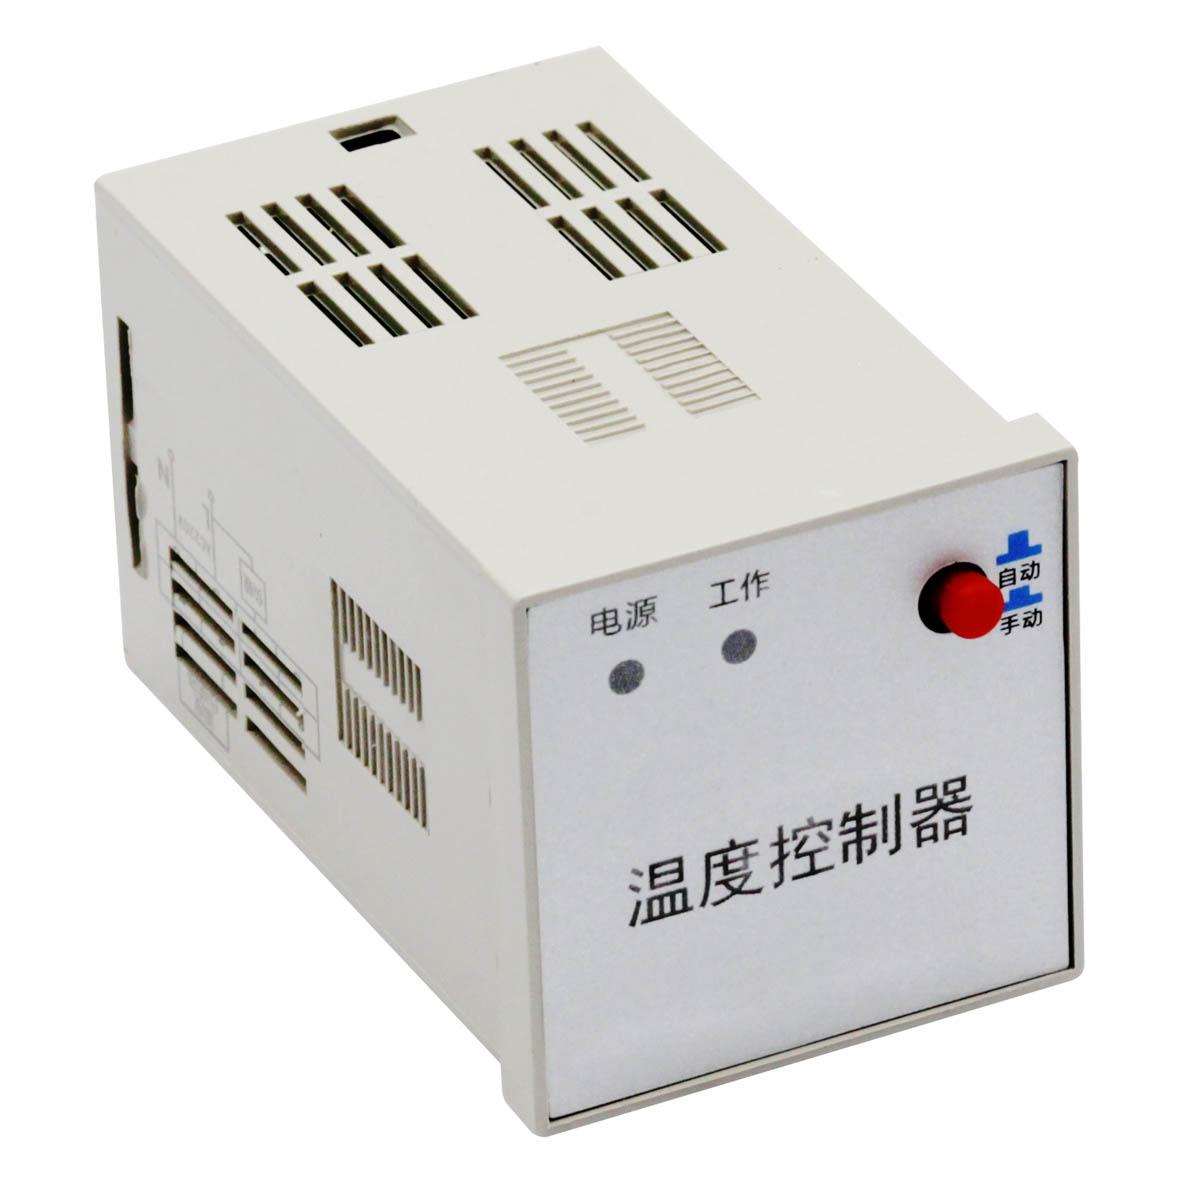 济宁汶上HBKA0.45-15-3电力电容器火吗?